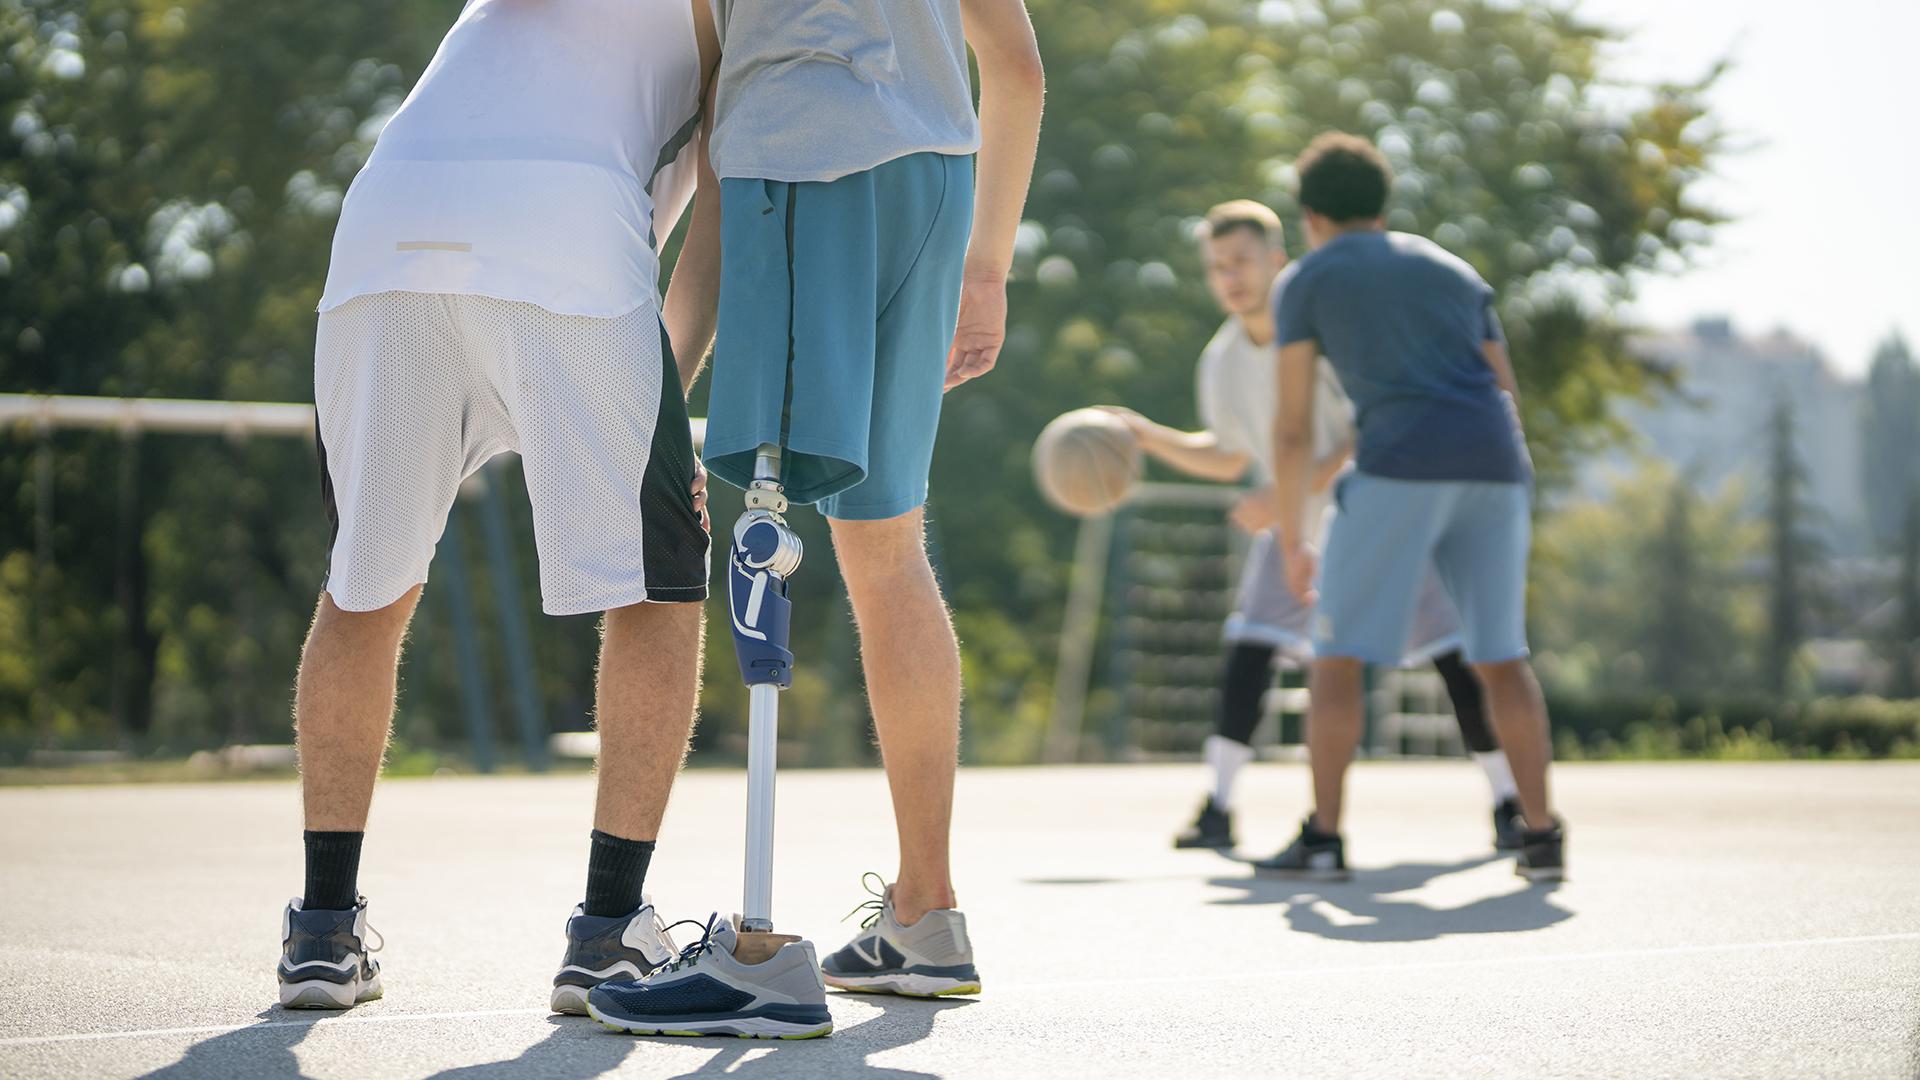 Semaine Olympique et Paralympique